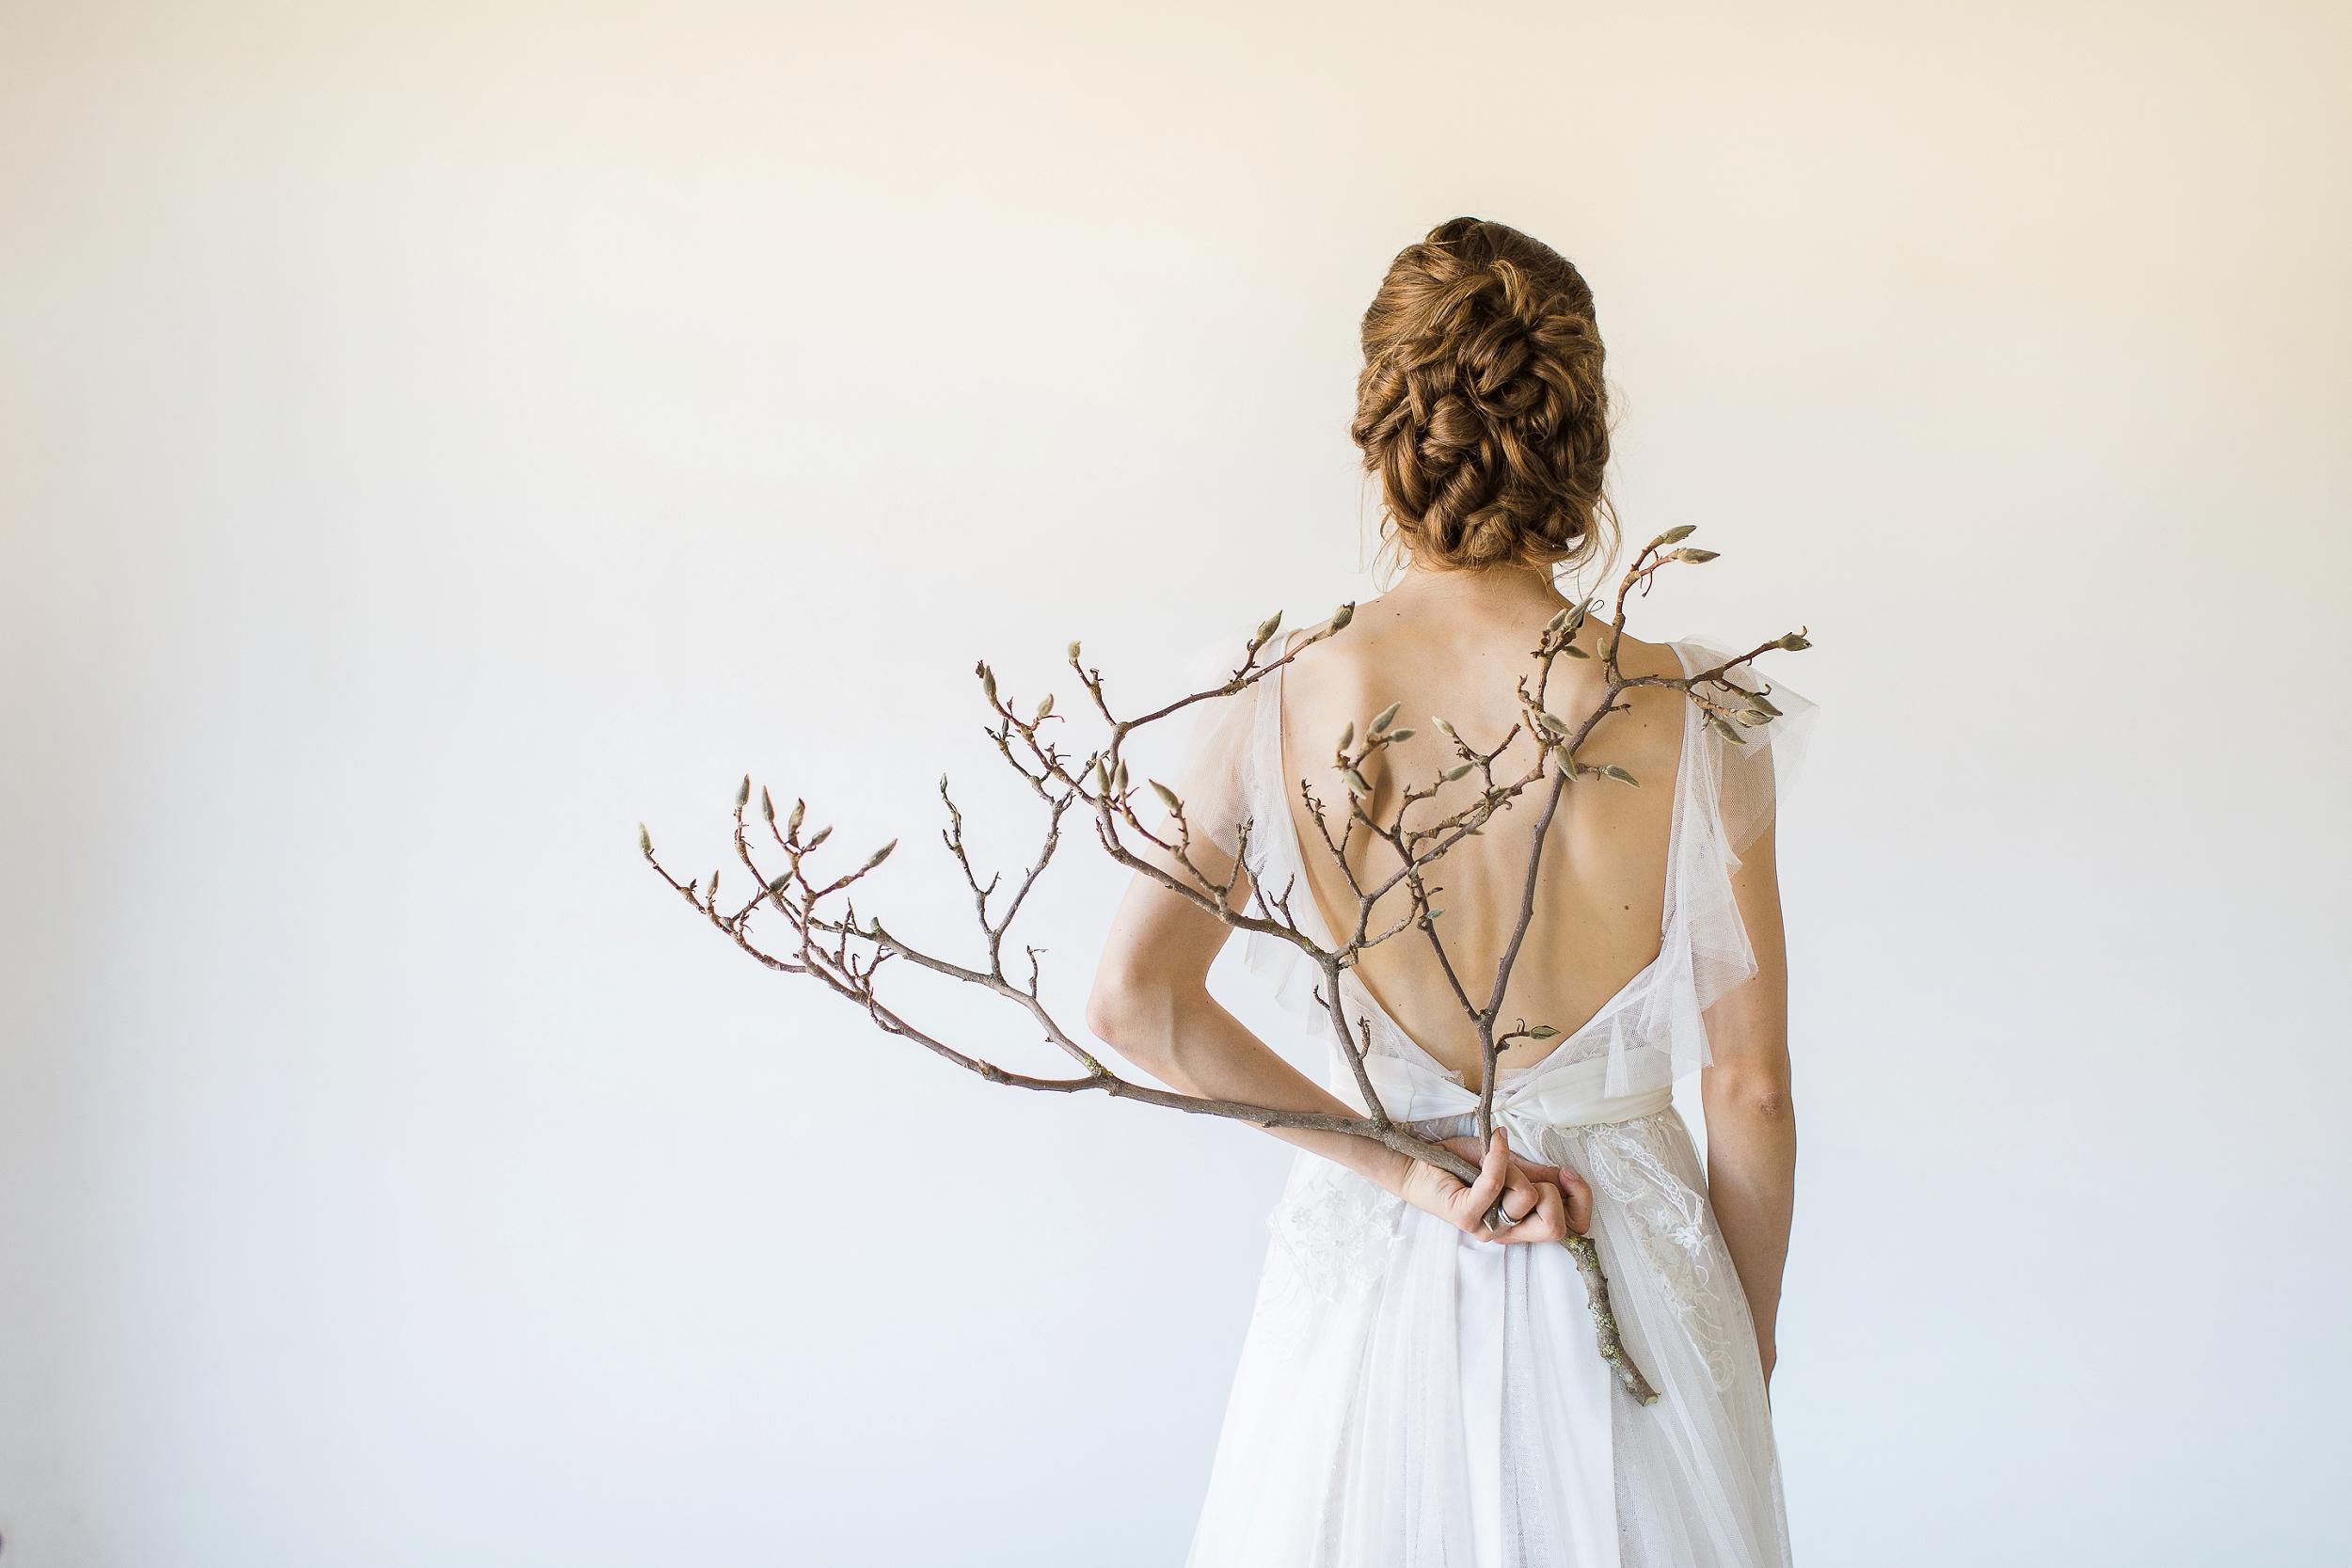 Studio Afterwedding shoot in Hennef with  Suesse poesie - Tanja Kibogo (26).JPG